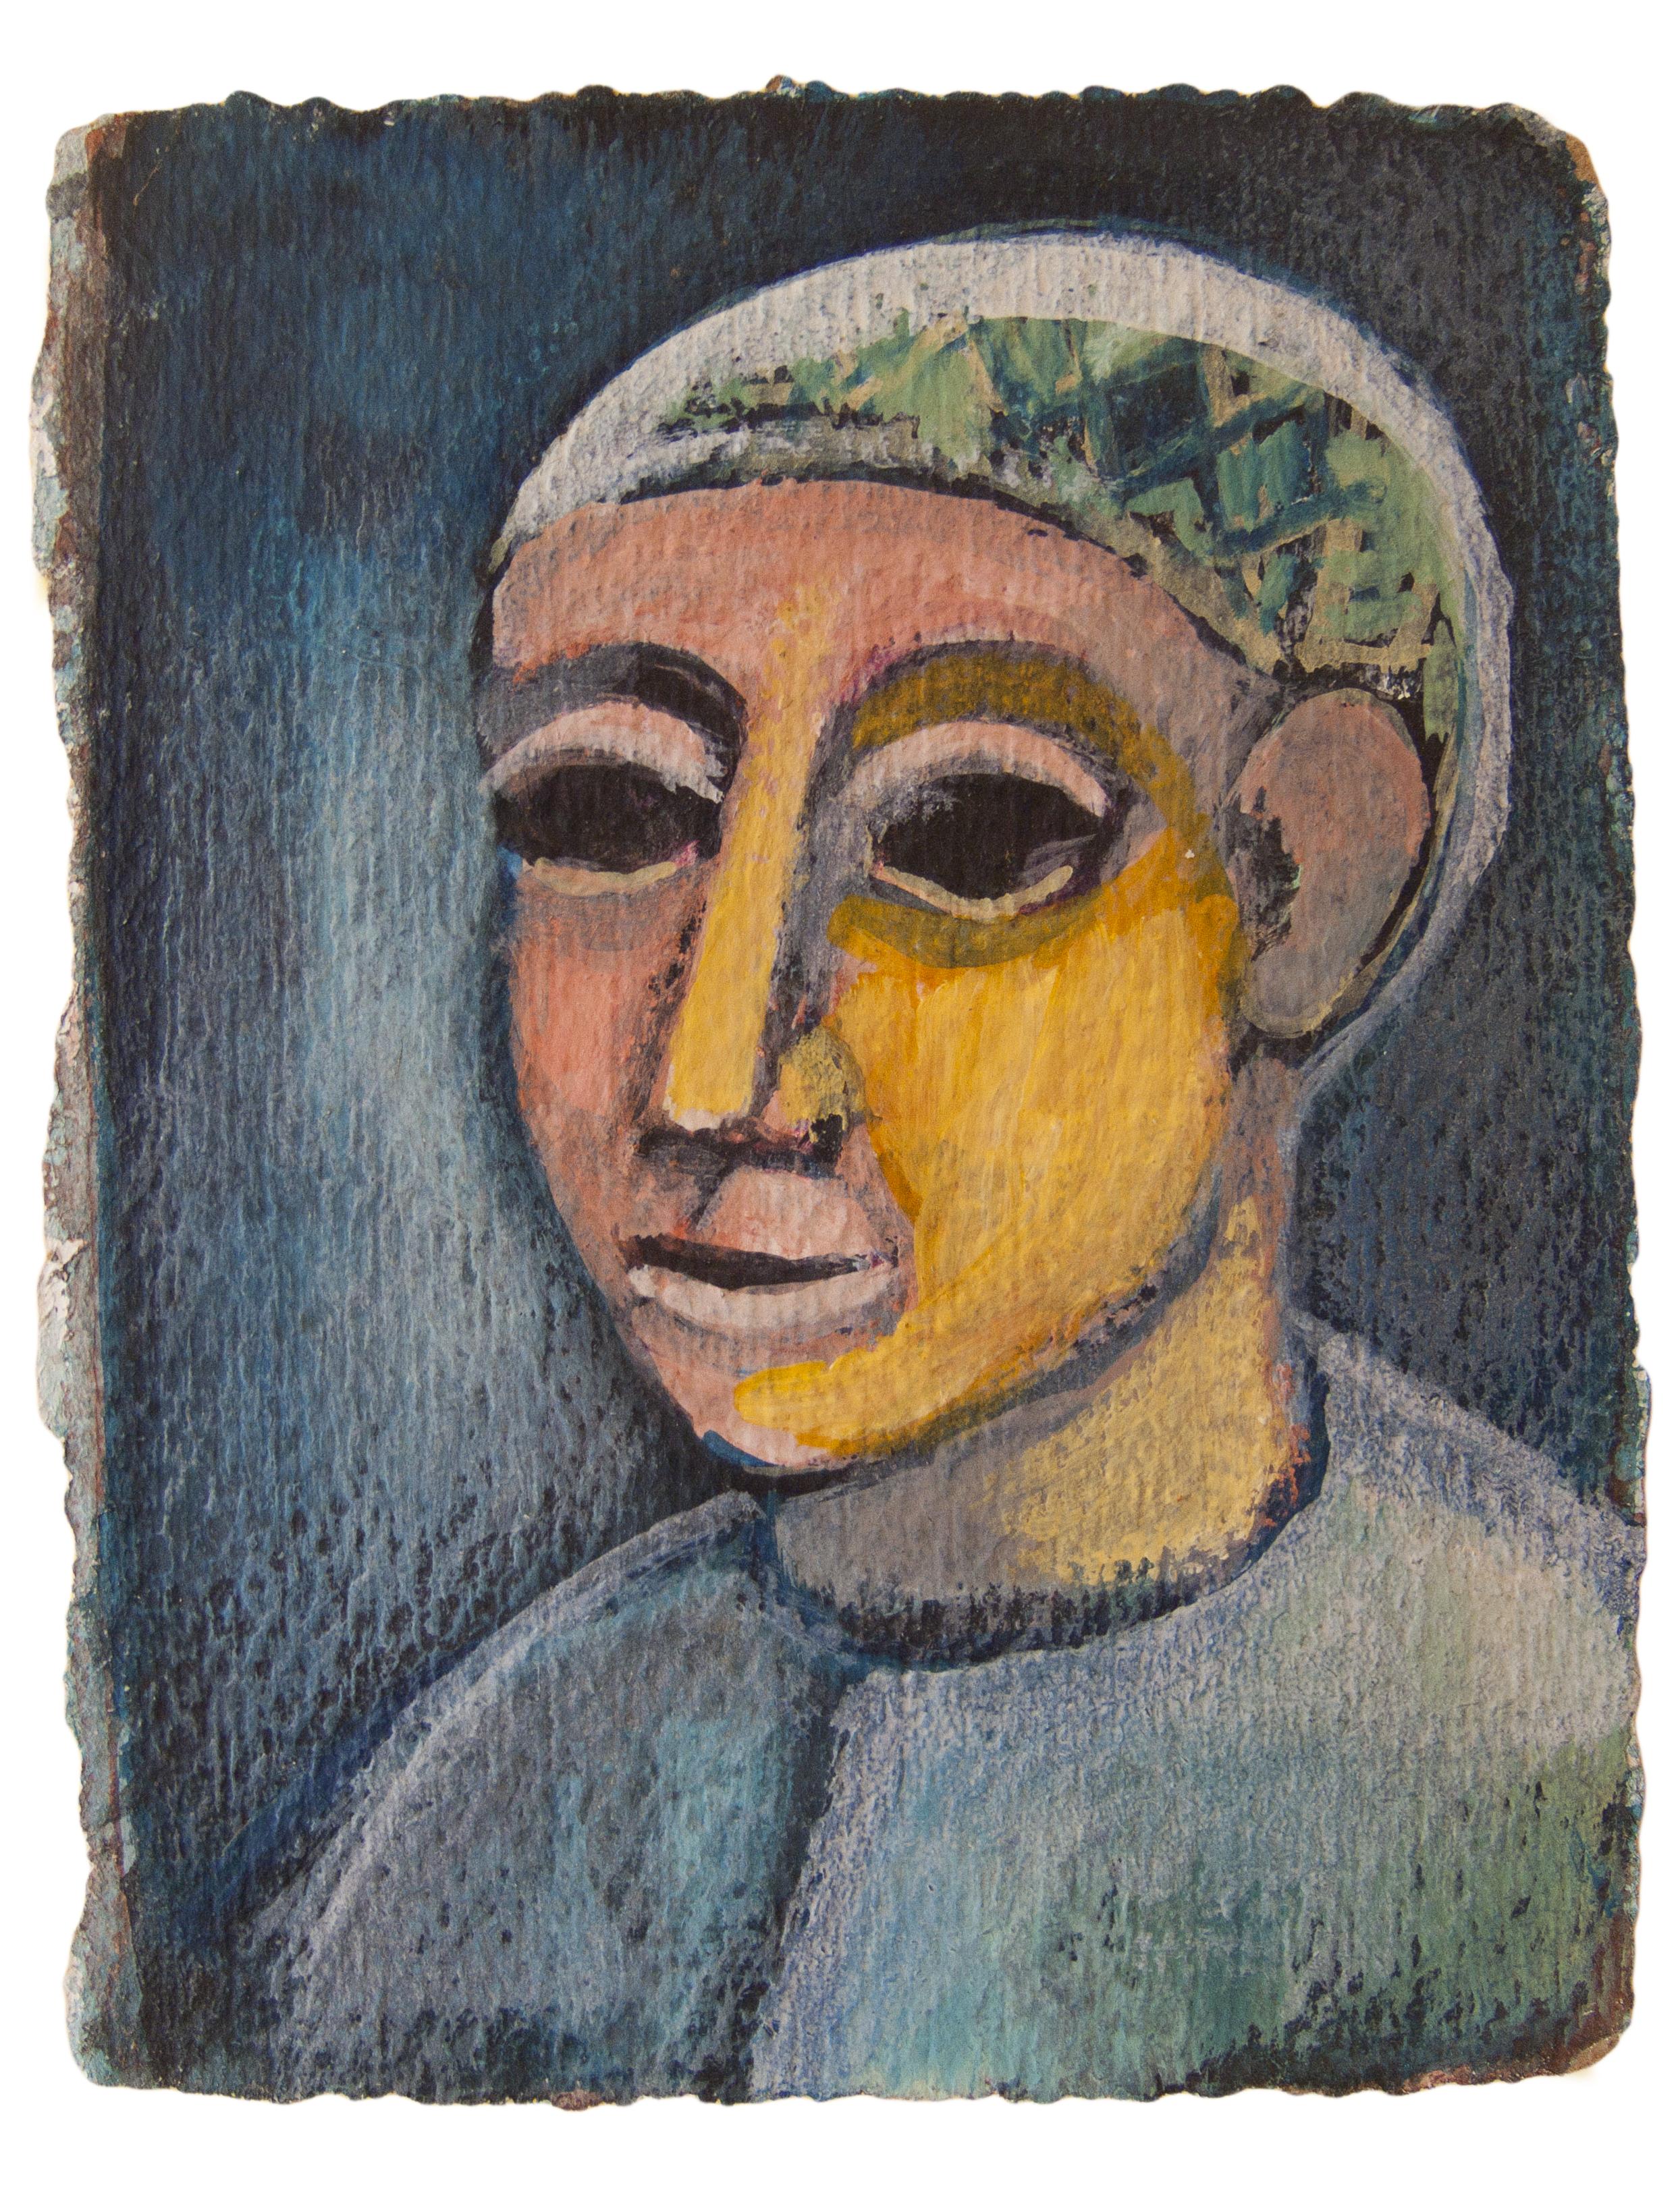 Untitled (Head of a Boy)